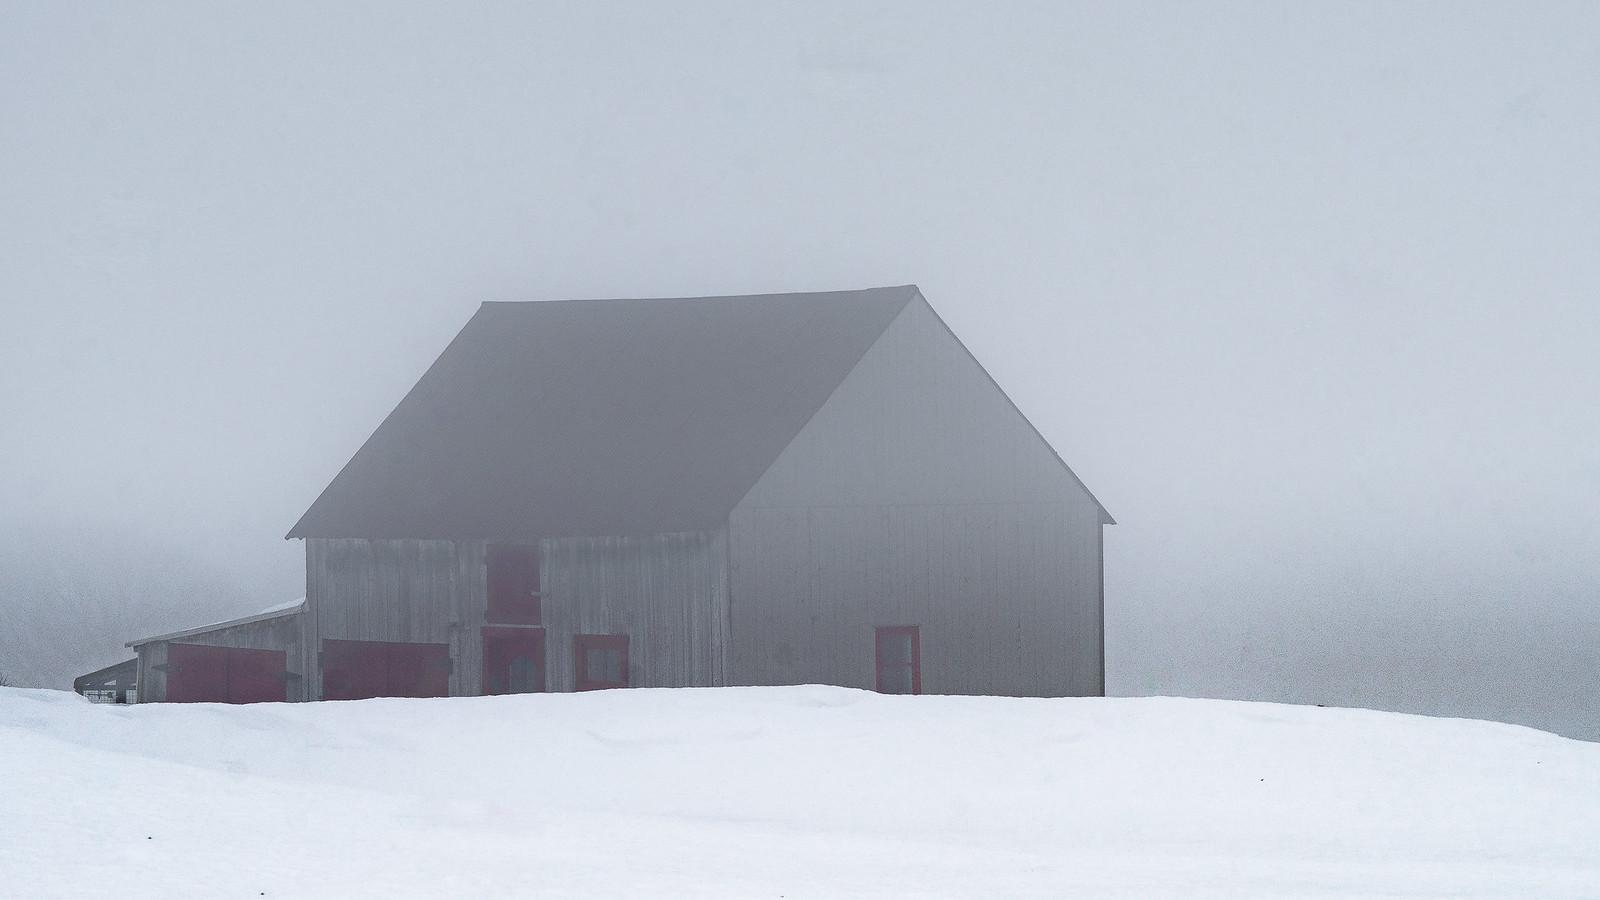 L'hiver avance à pas silencieux... 30413443728_1af56d6732_h